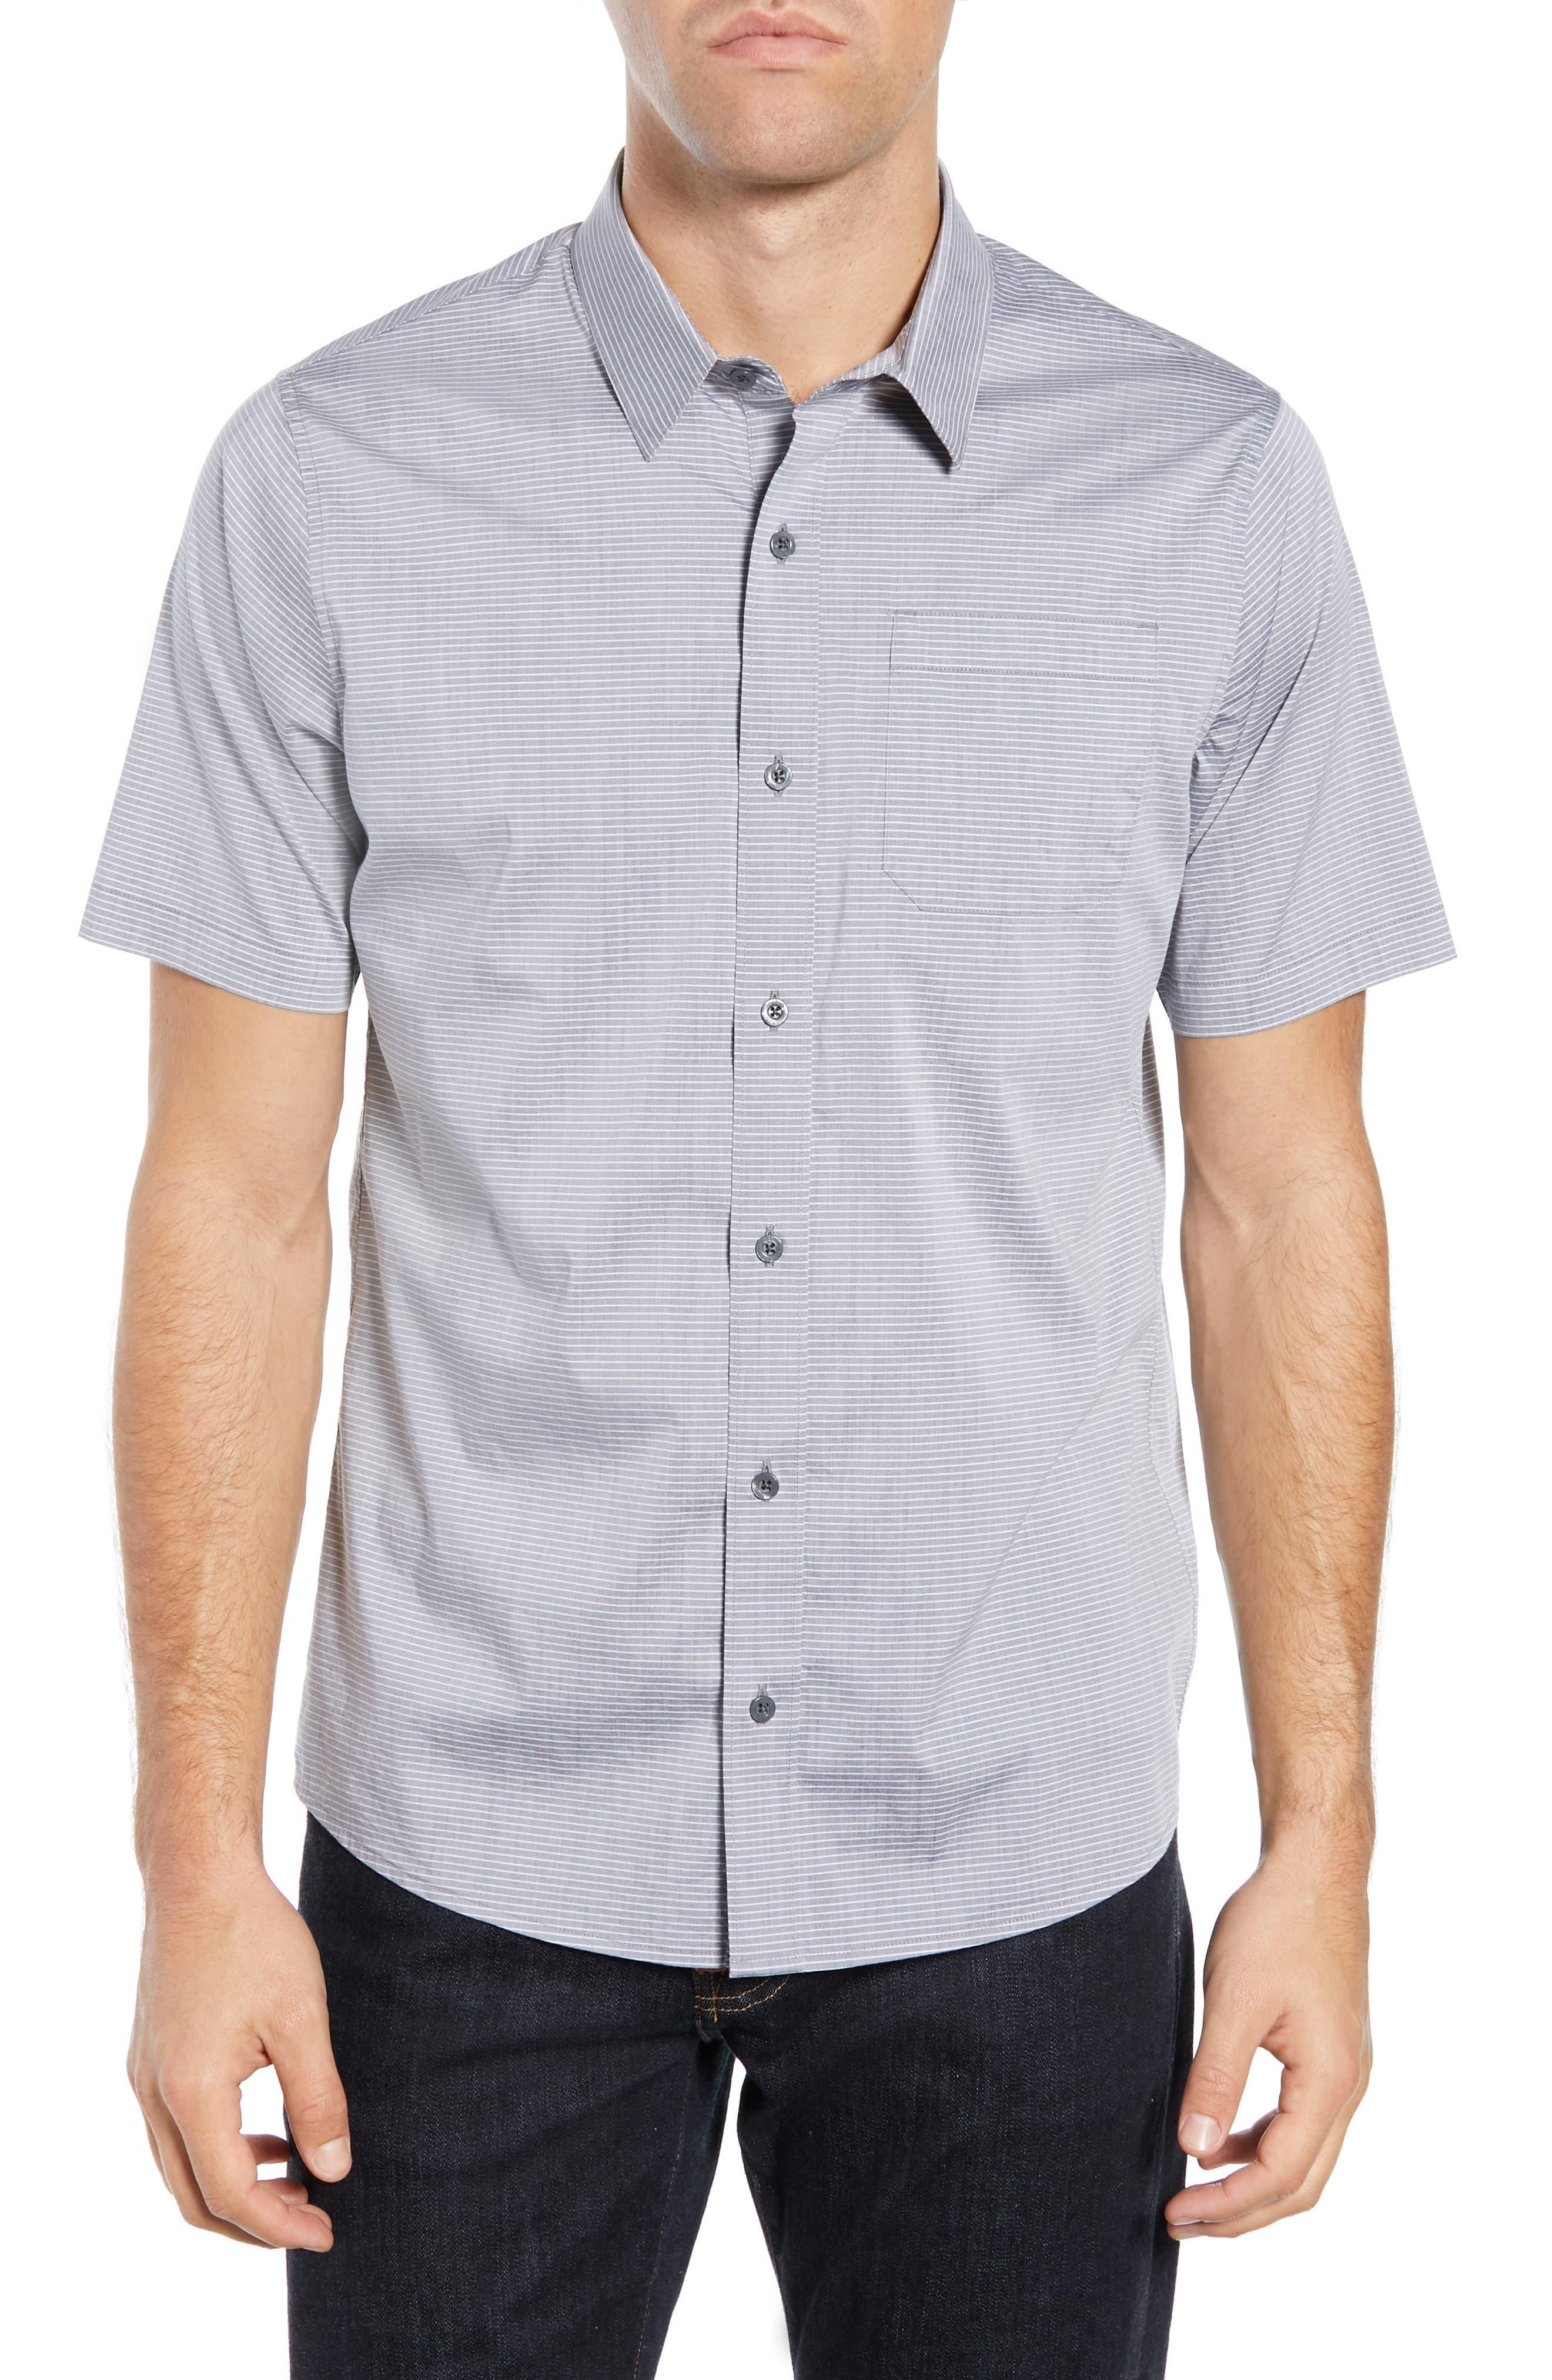 Image of TRAVIS MATHEW Takeaway Regular Fit Shirt